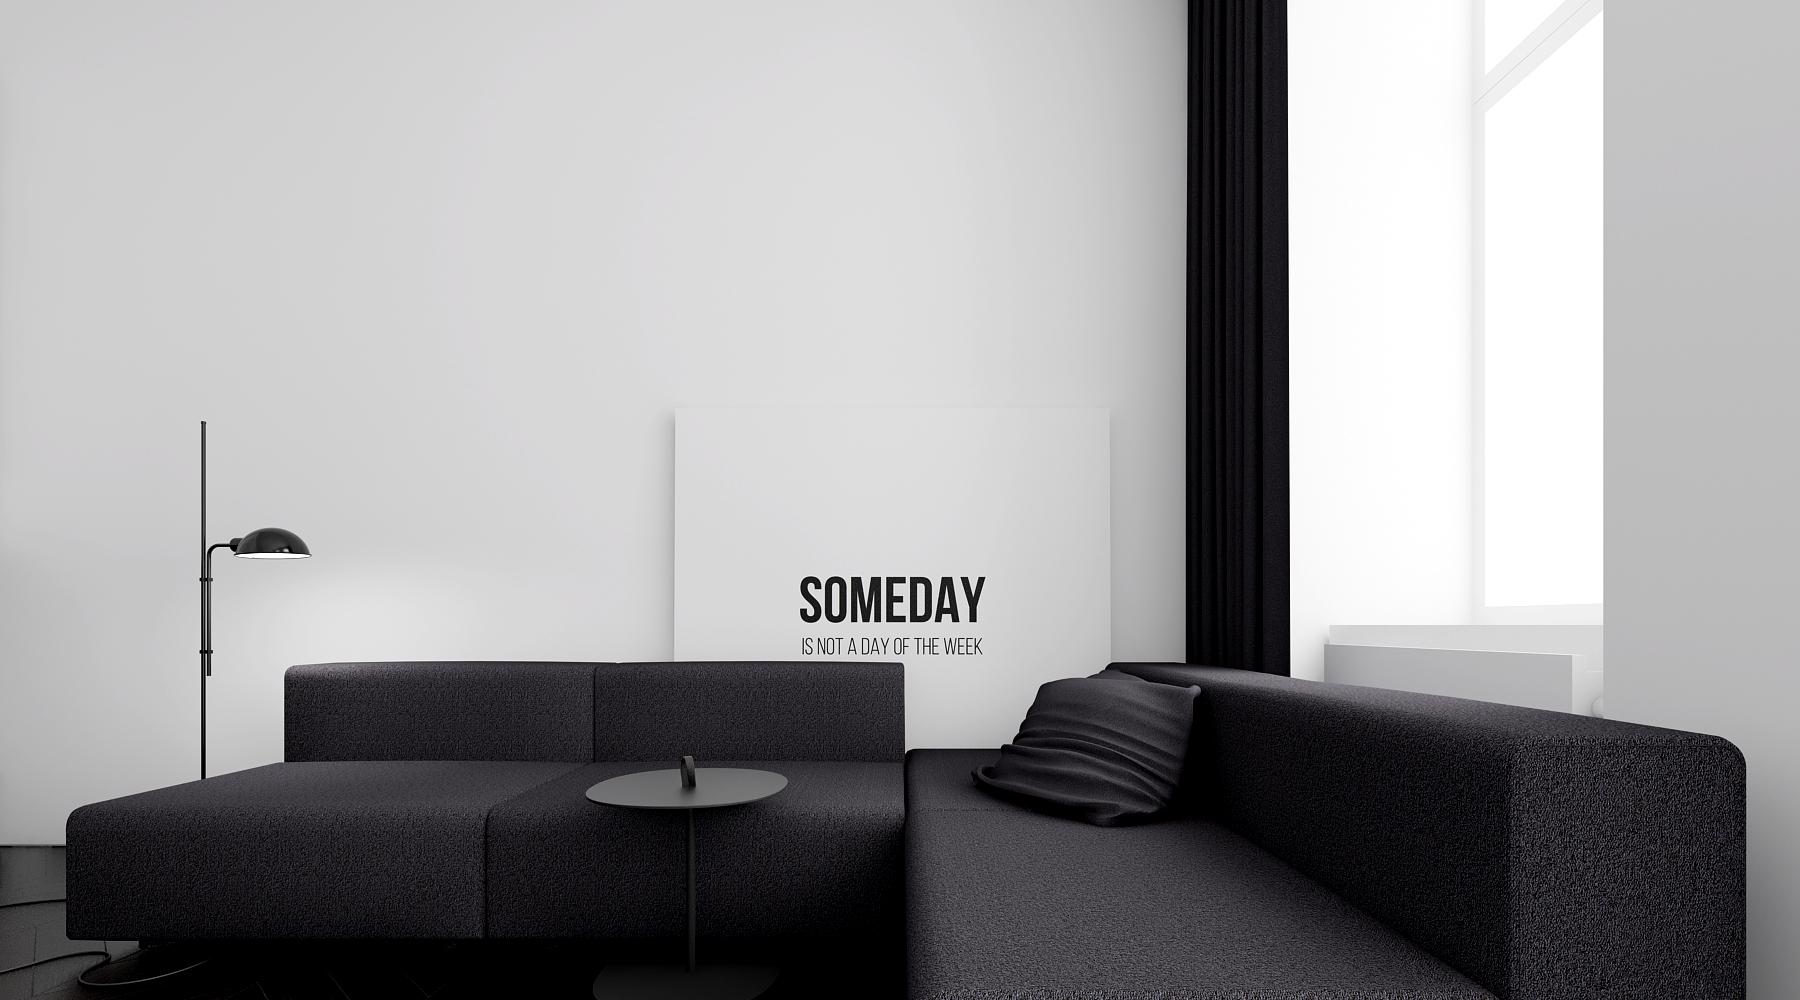 mieszkanie_w_oficynie_warszawa_mokotowska_minimalizm_aranzacja_wnetrz_03